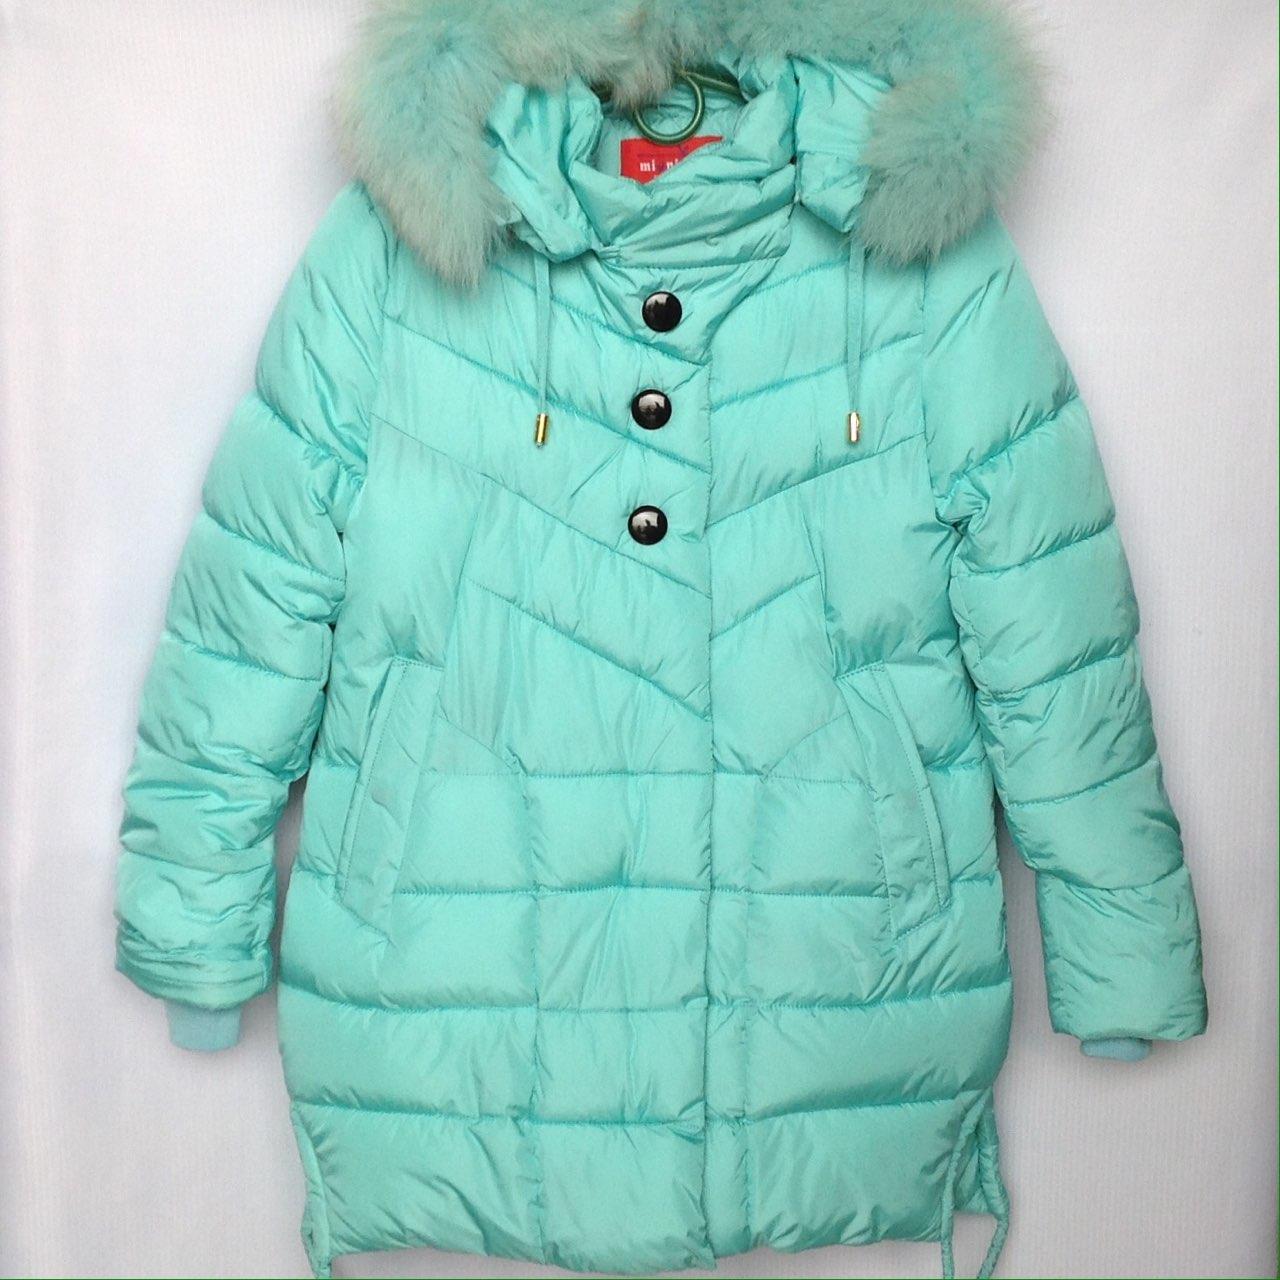 Куртка подростковая зимняя NIKA #6012 для девочек. 134-158 см (9-13 лет). Голубая. Оптом.